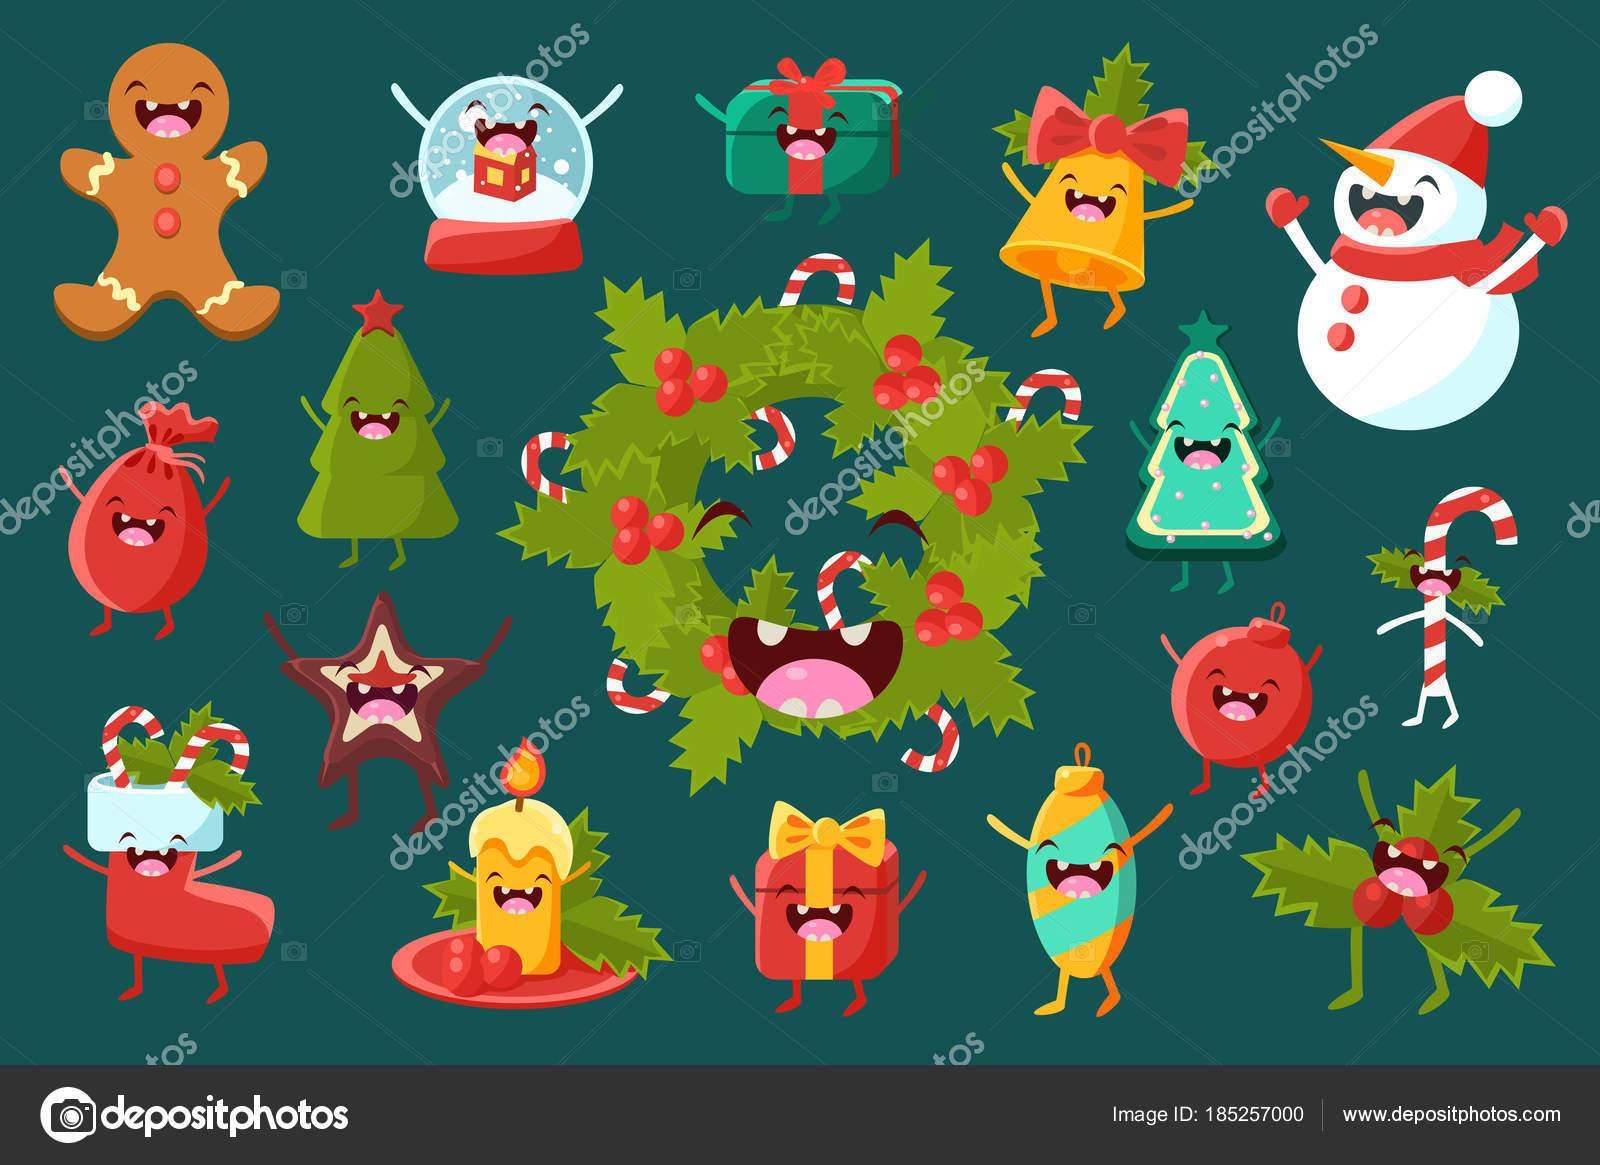 A karácsonyi szimbólumok jelentése